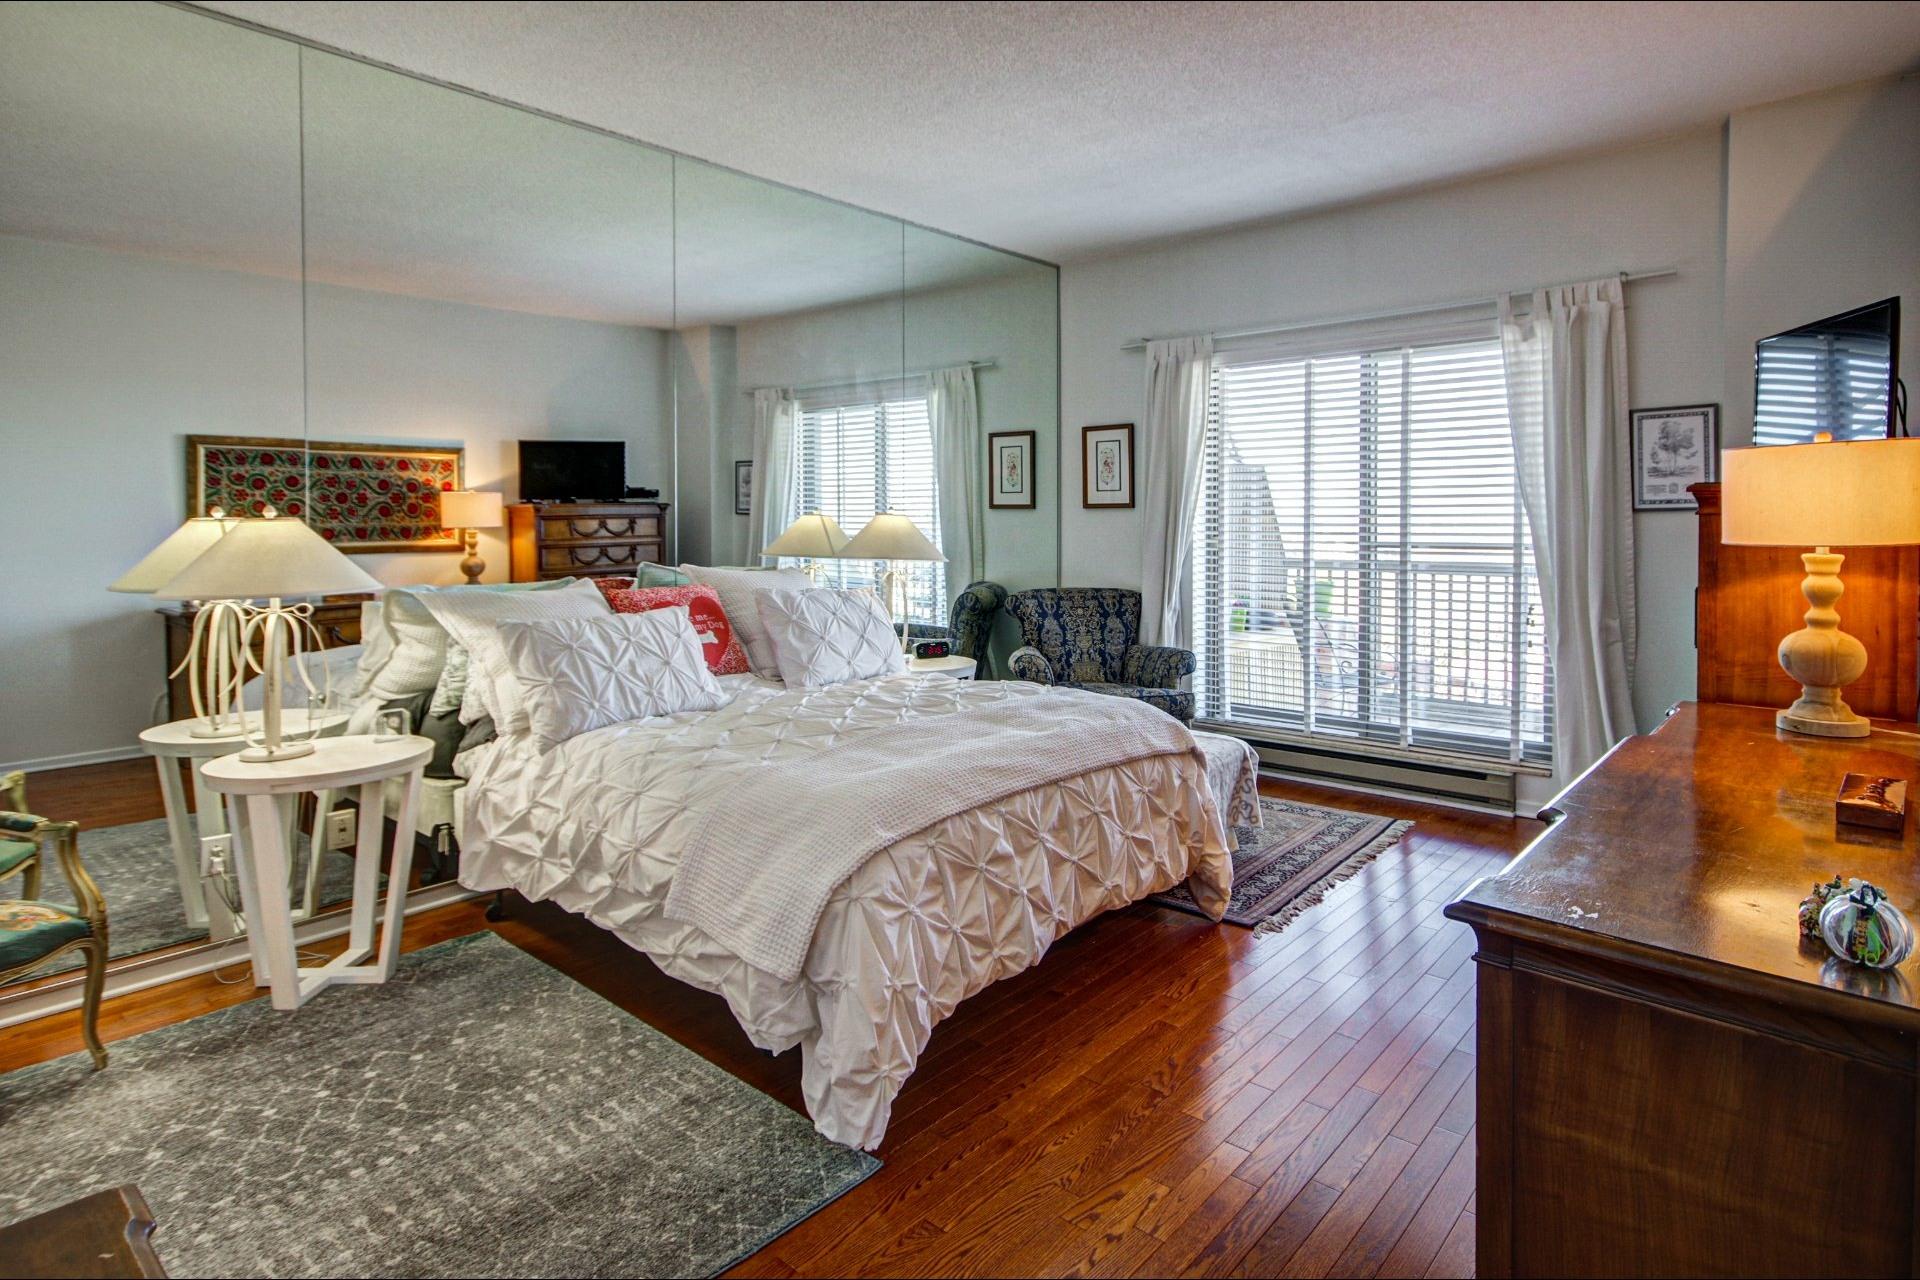 image 27 - Apartment For sale Côte-des-Neiges/Notre-Dame-de-Grâce Montréal  - 5 rooms